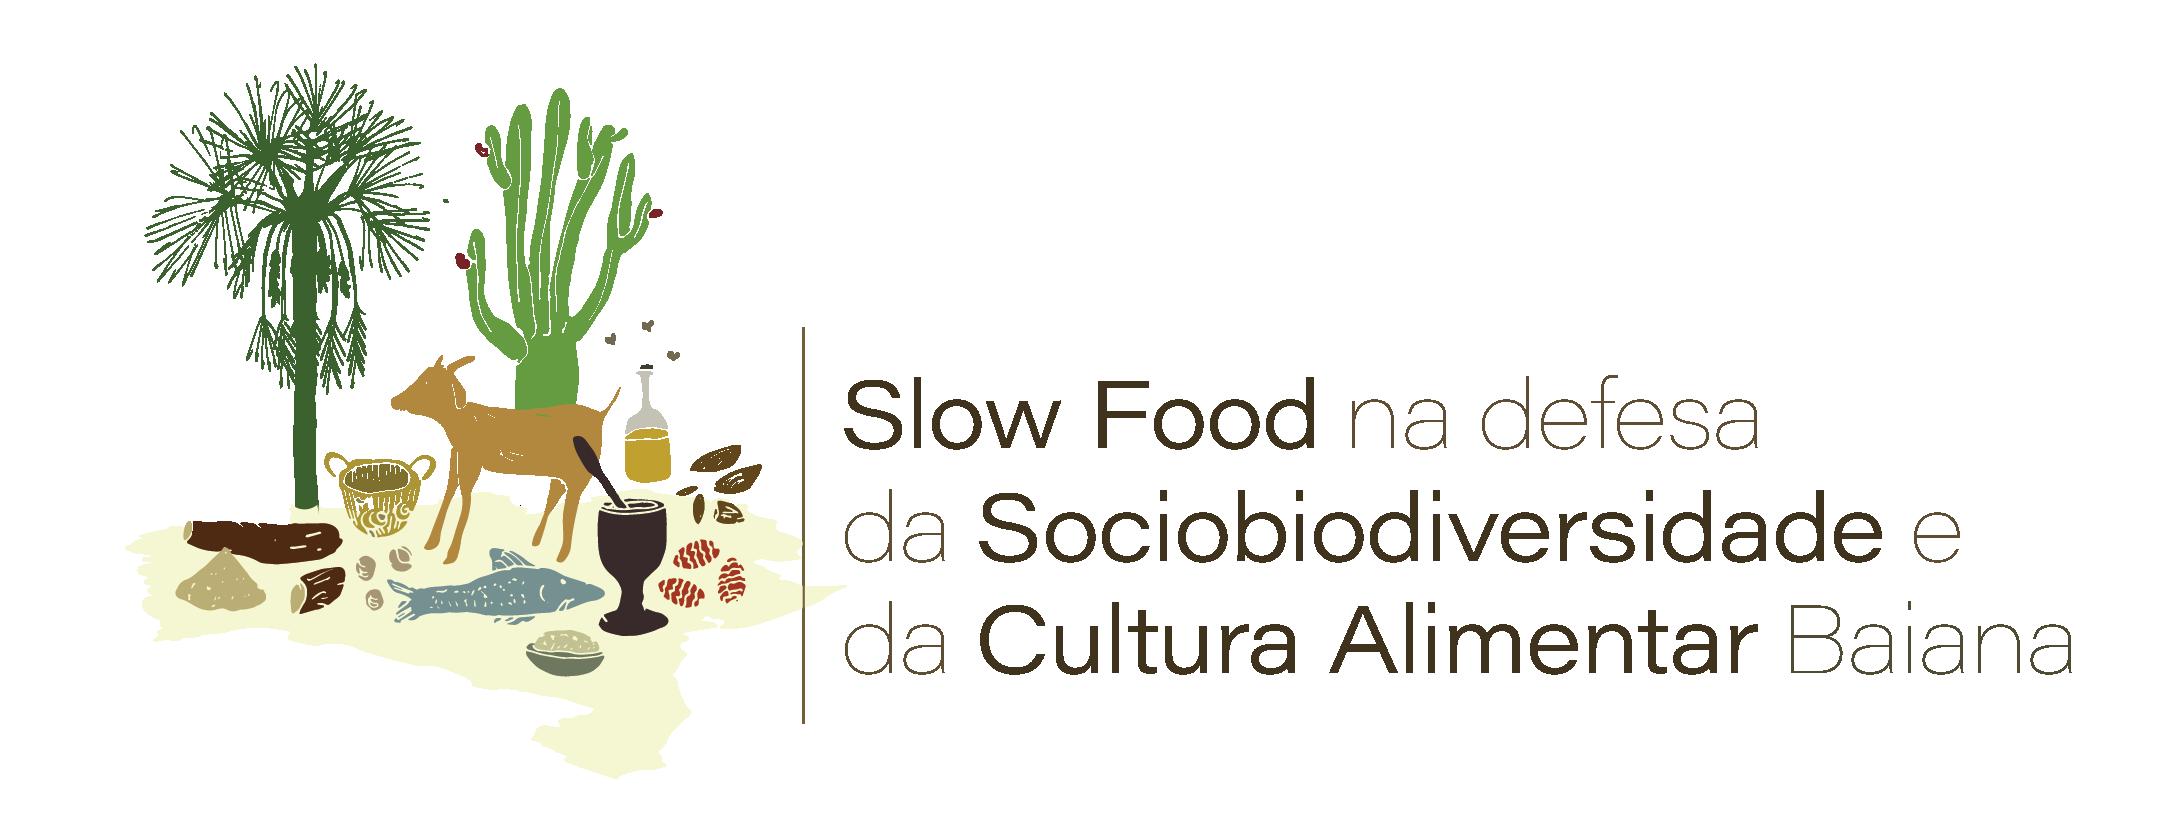 Logo FundoTransparente